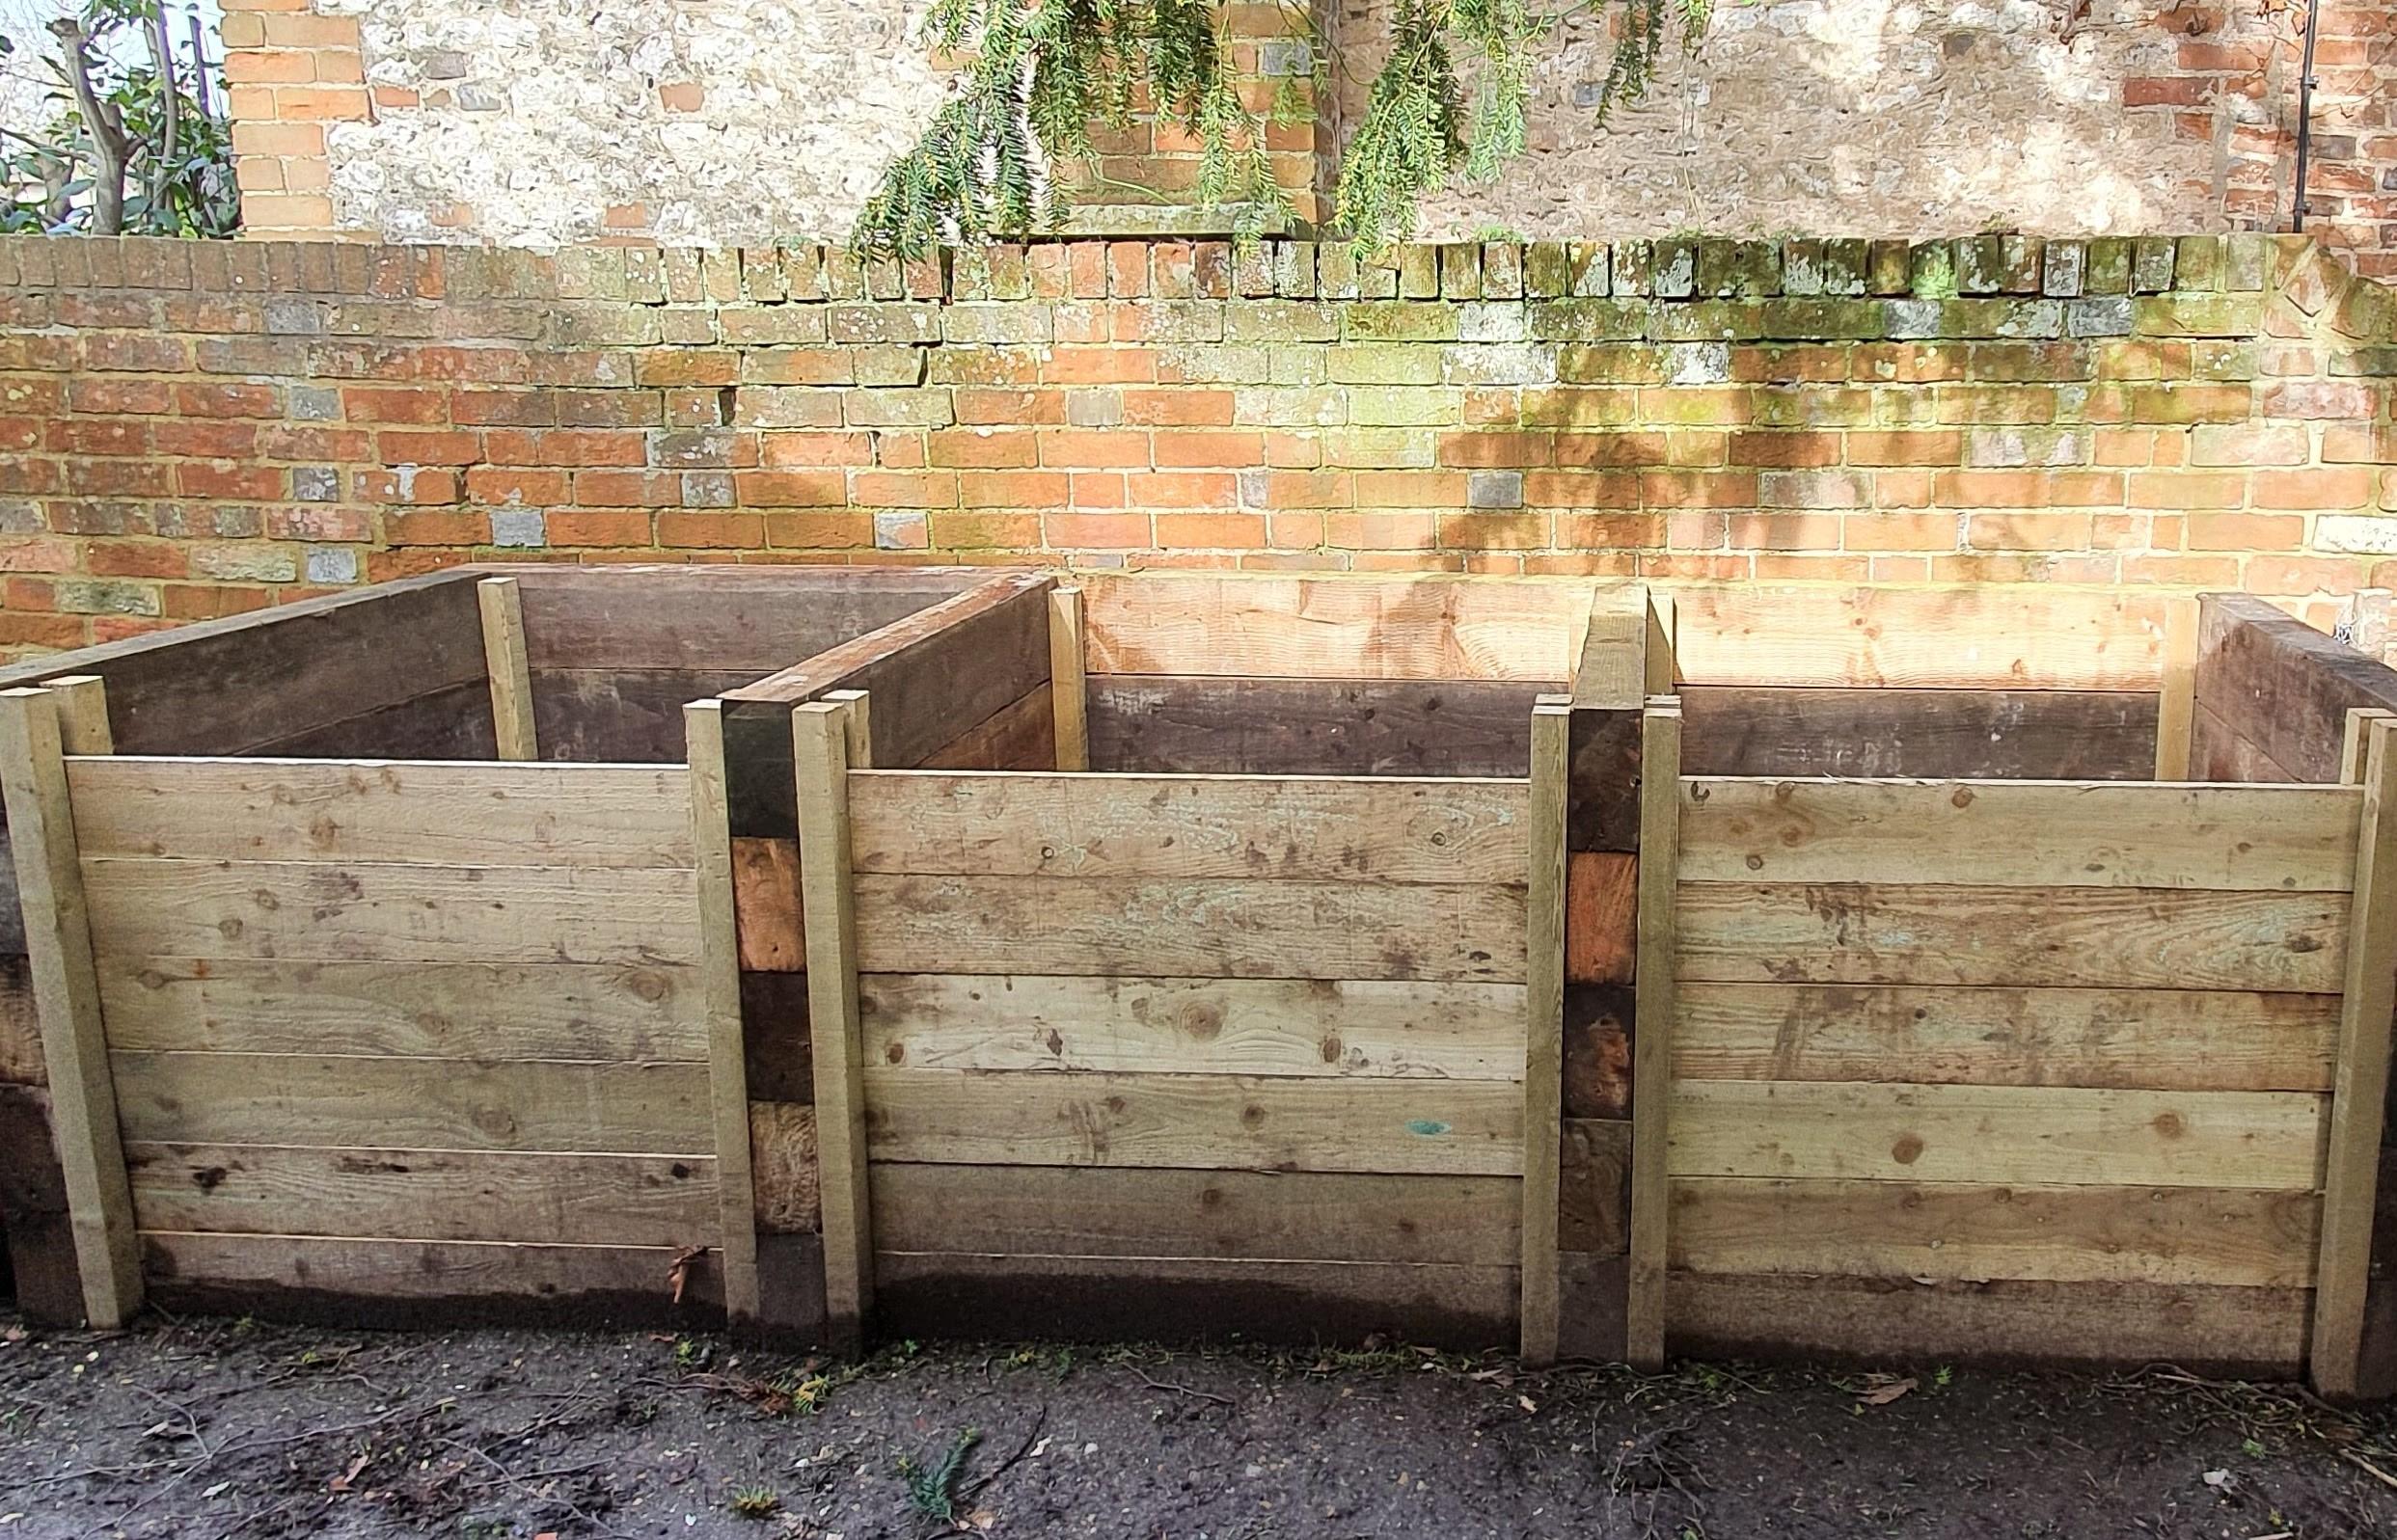 compost bins